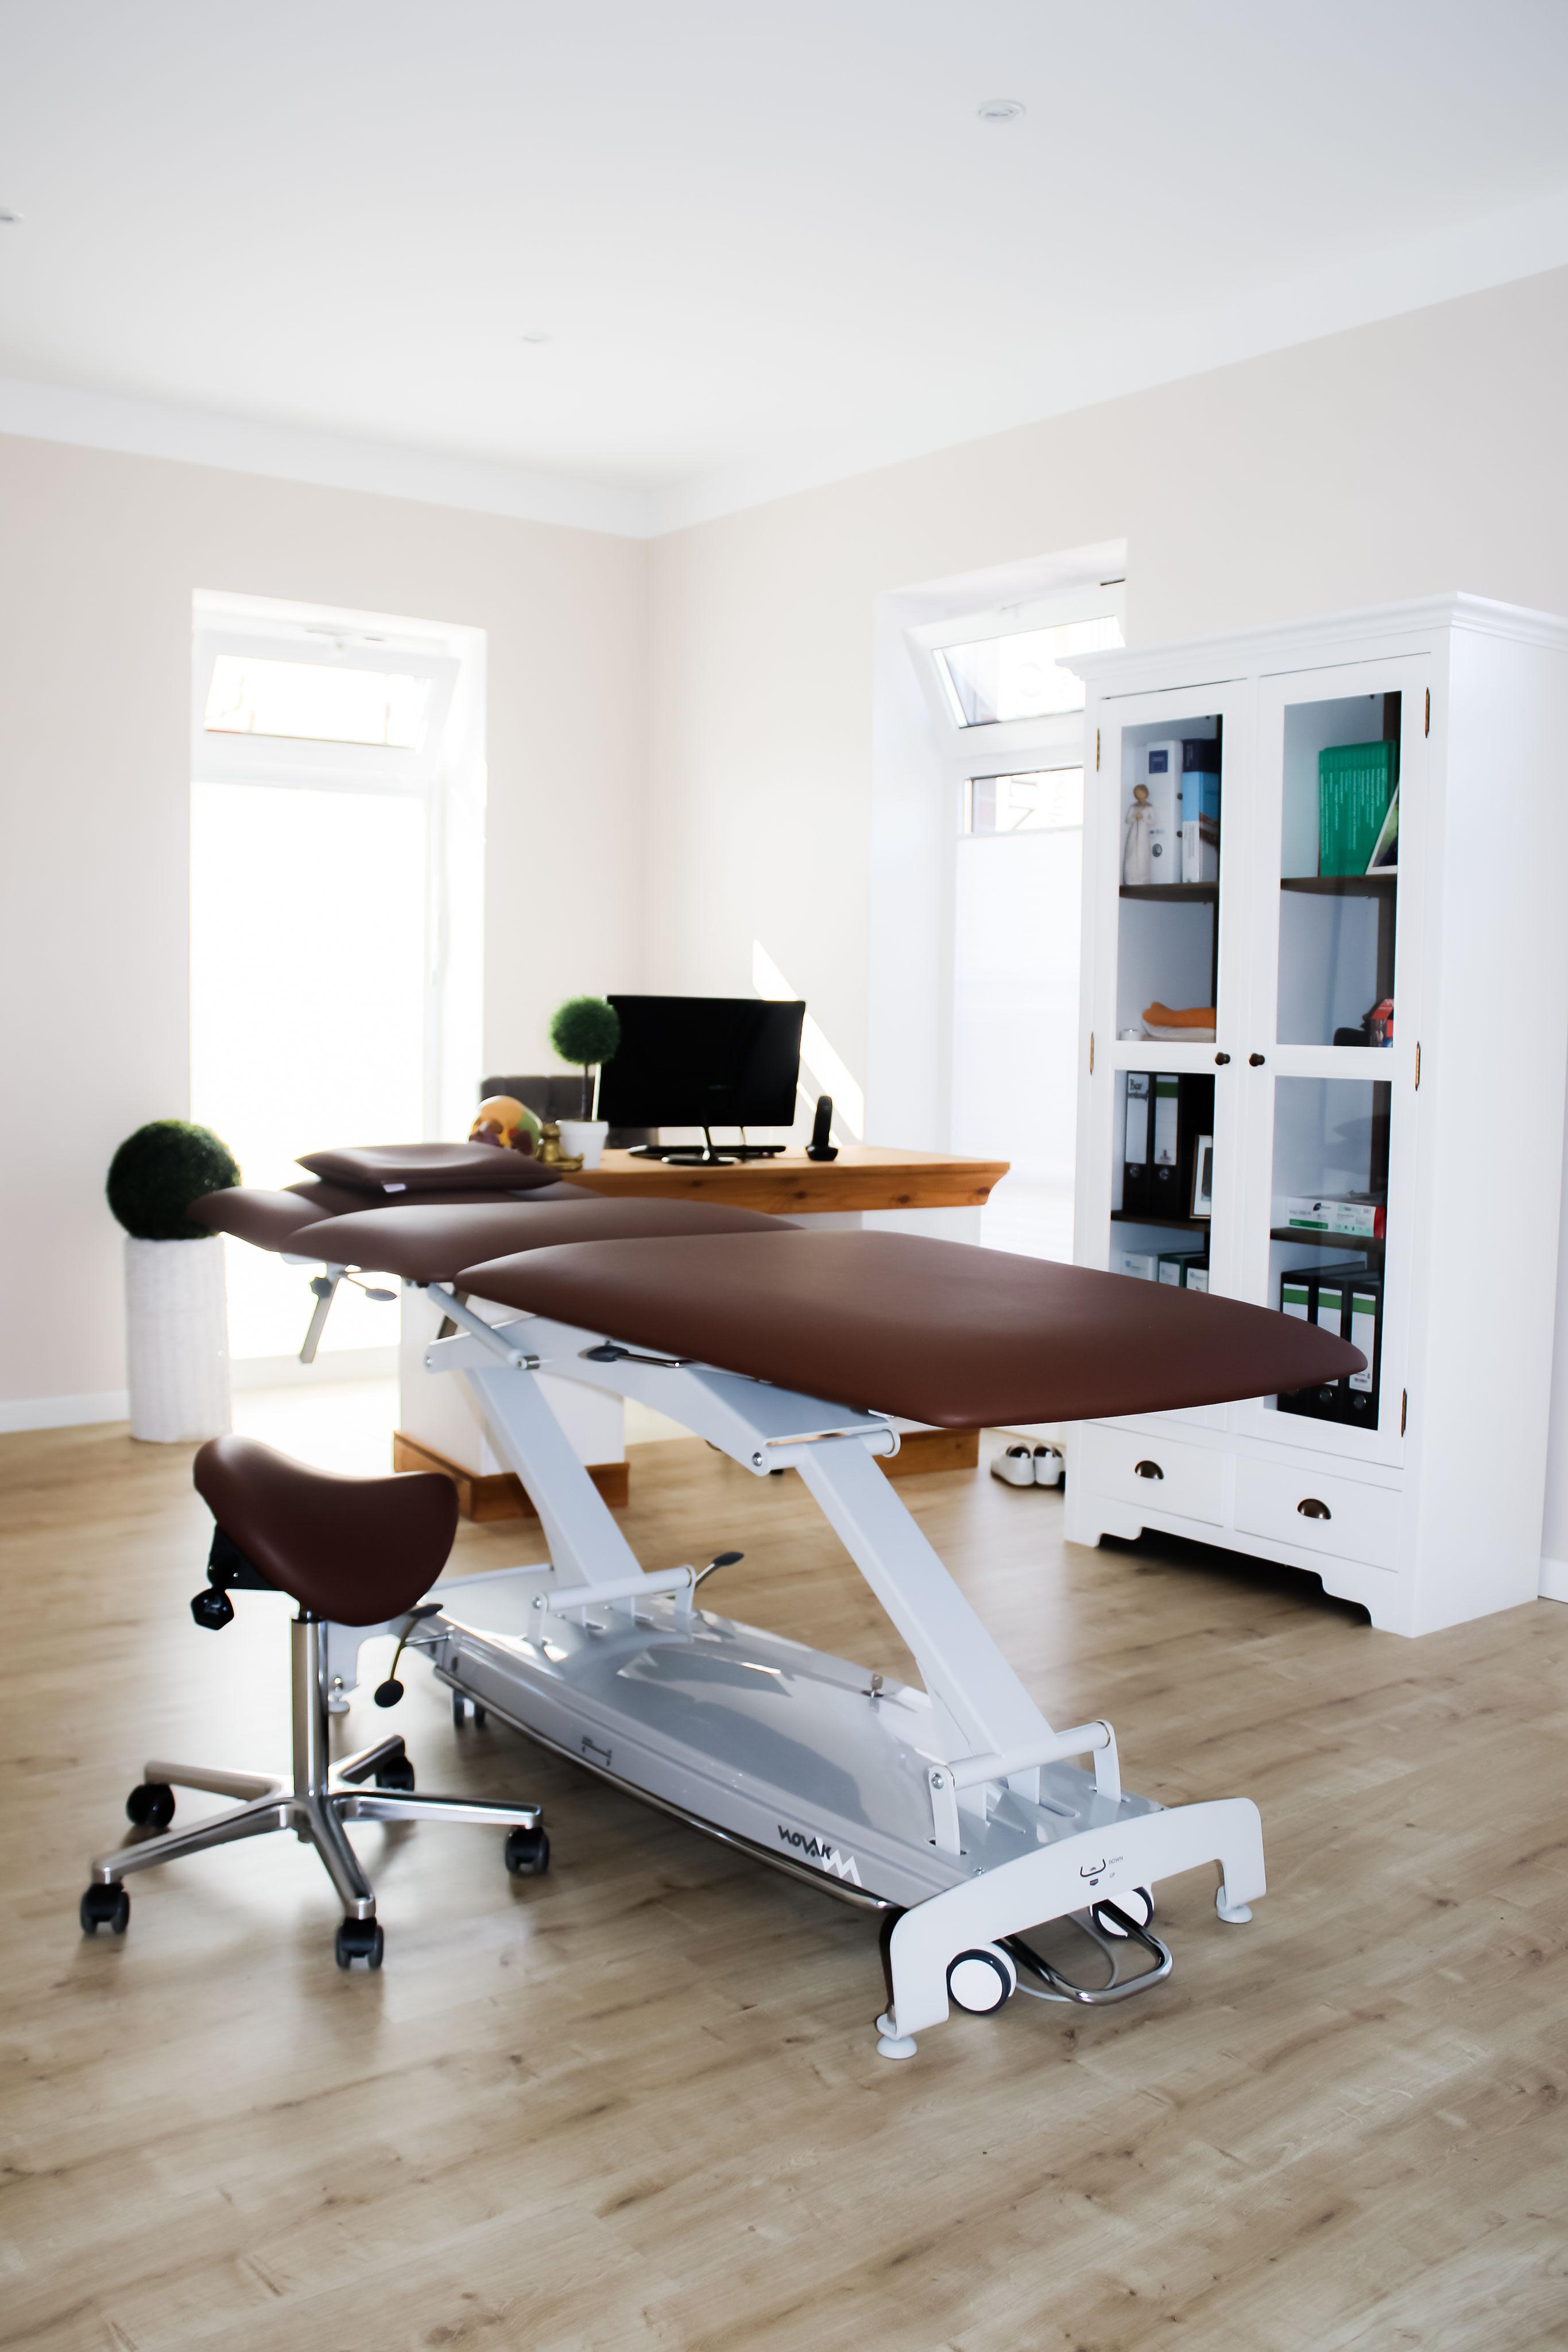 physiotherapie praxis papenburg ganzheitliche physiotherapie praxis. Black Bedroom Furniture Sets. Home Design Ideas